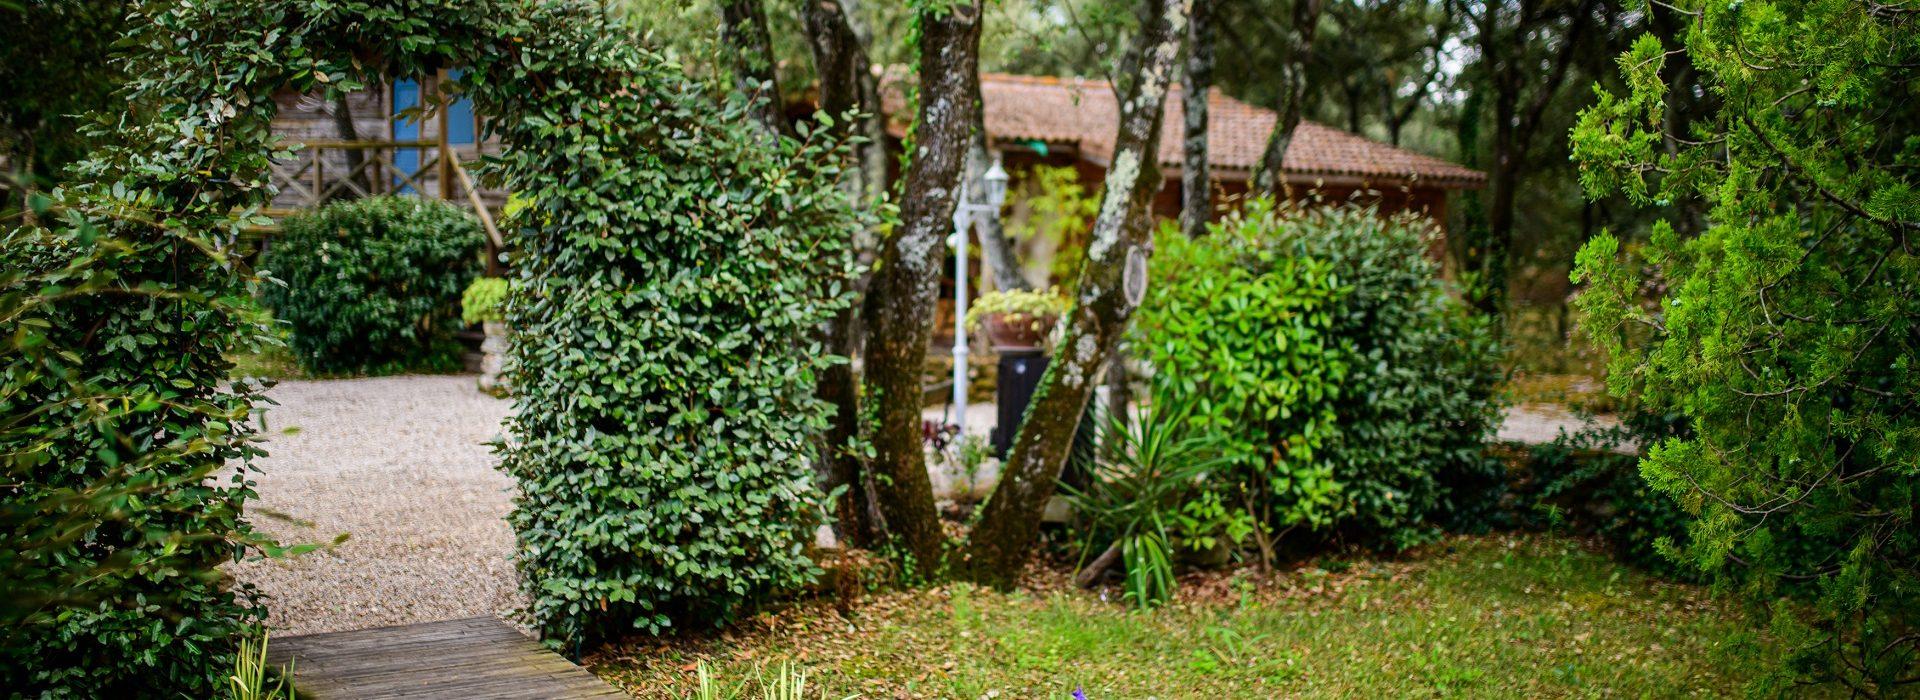 Villa haut de gamme sud de France